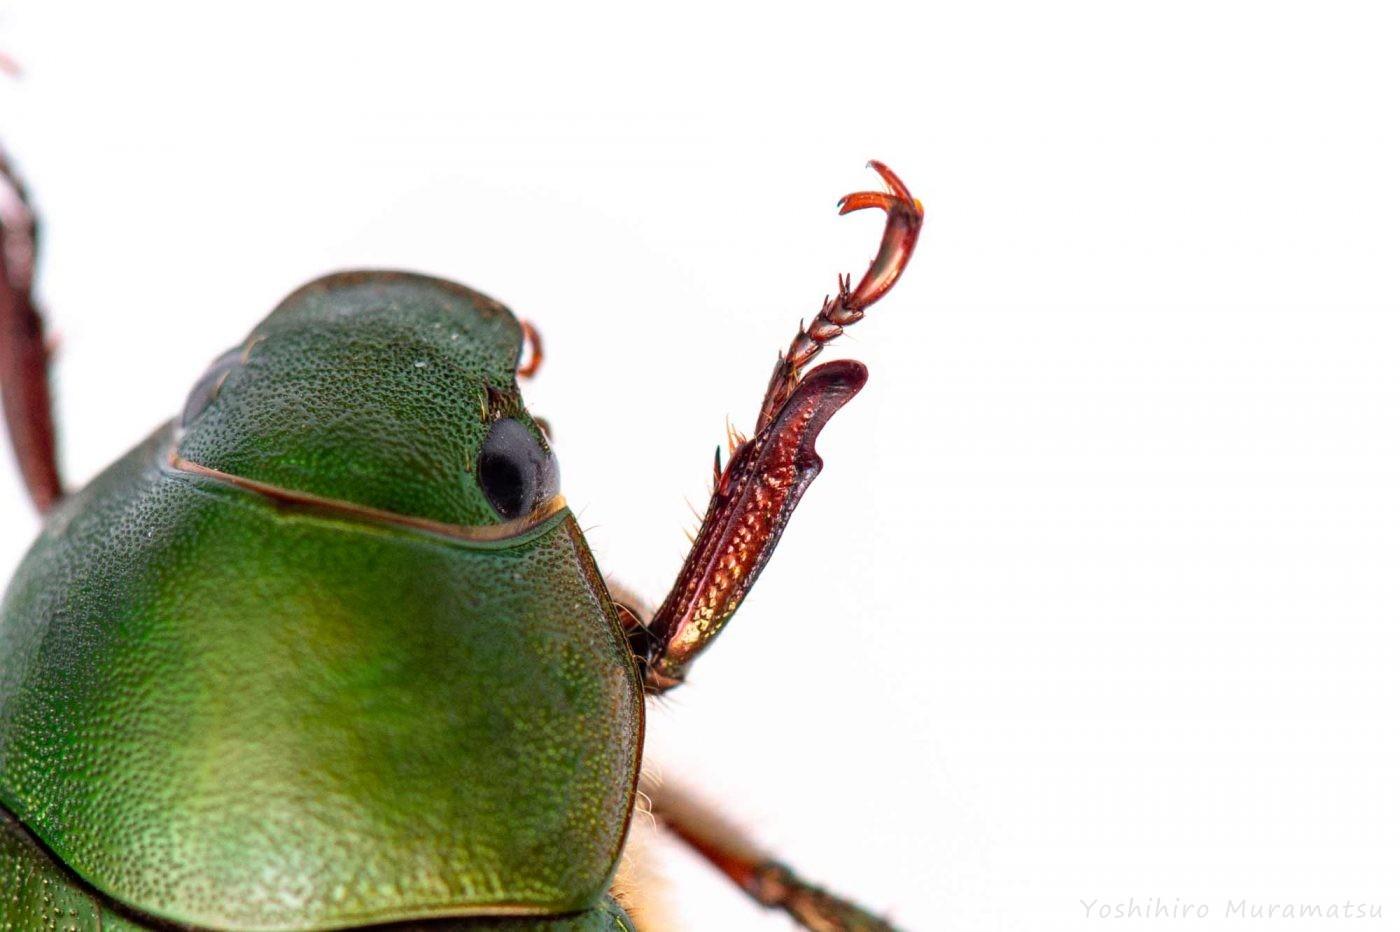 アオドウガネの写真